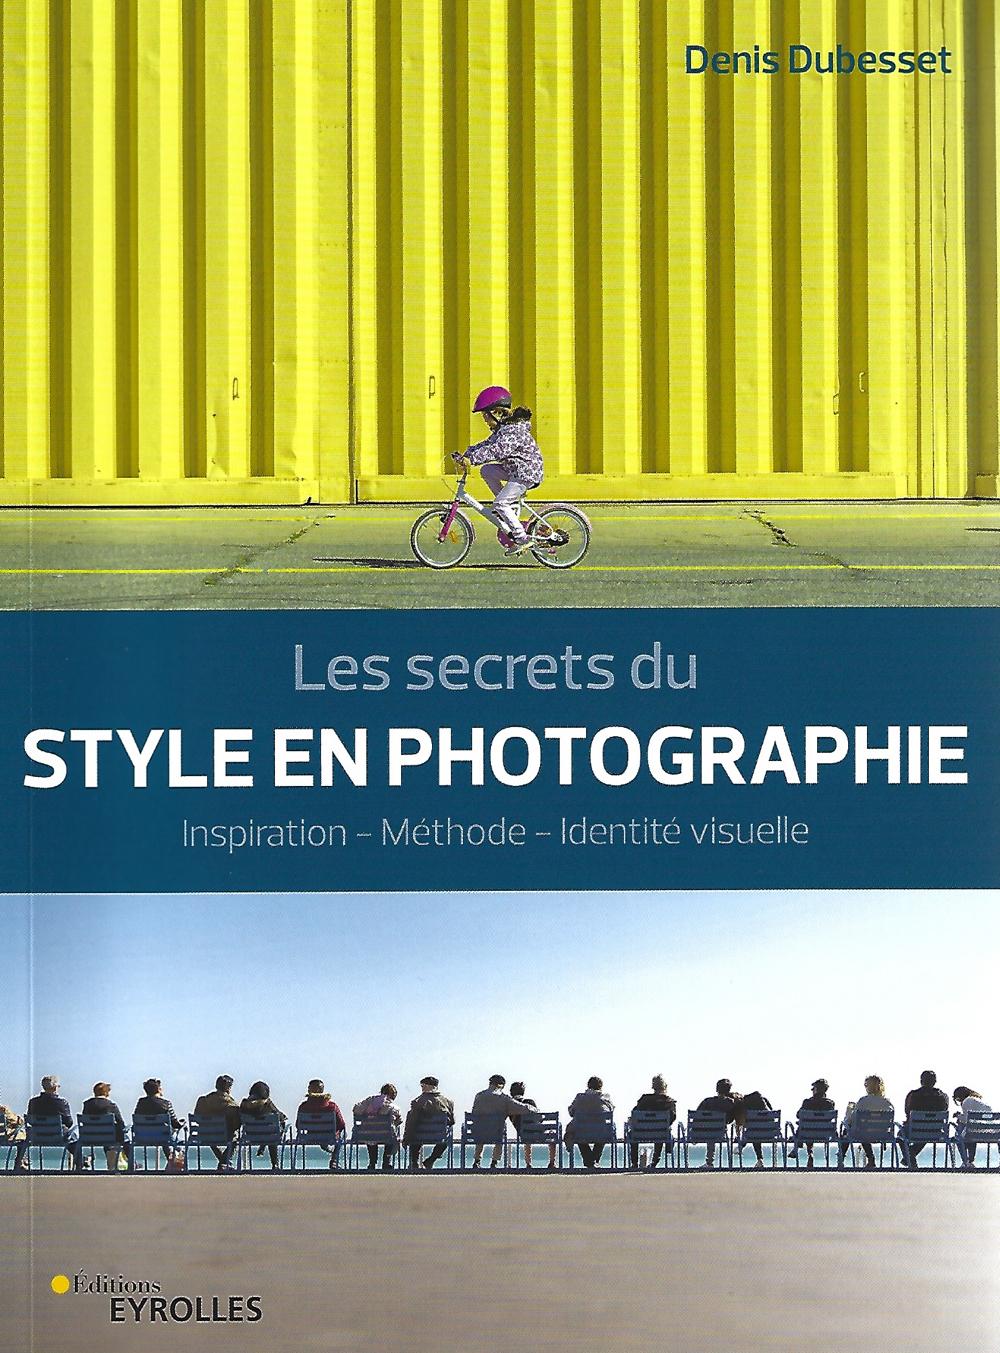 Style en photographie